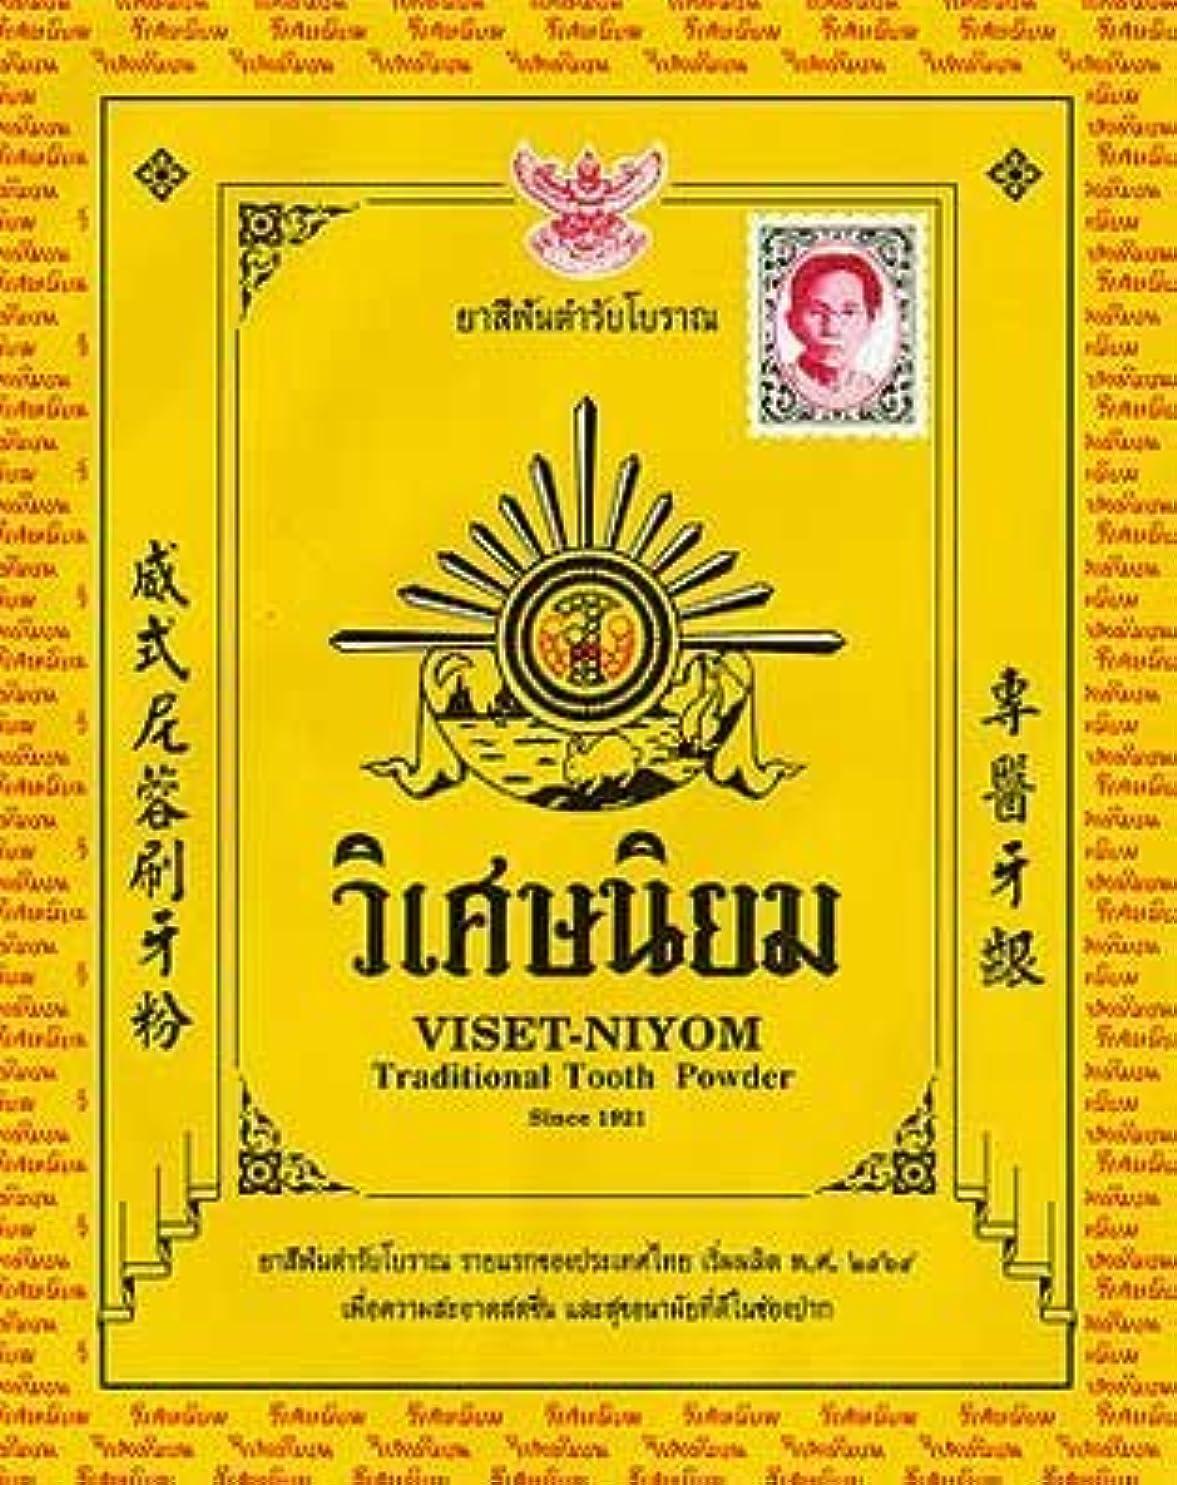 予防接種伝記兵隊Herbal Whitening Tooth Powder Thai Original Traditional Toothpaste 40 G. x 2 Packs by Viset Niyom Tooth Powder